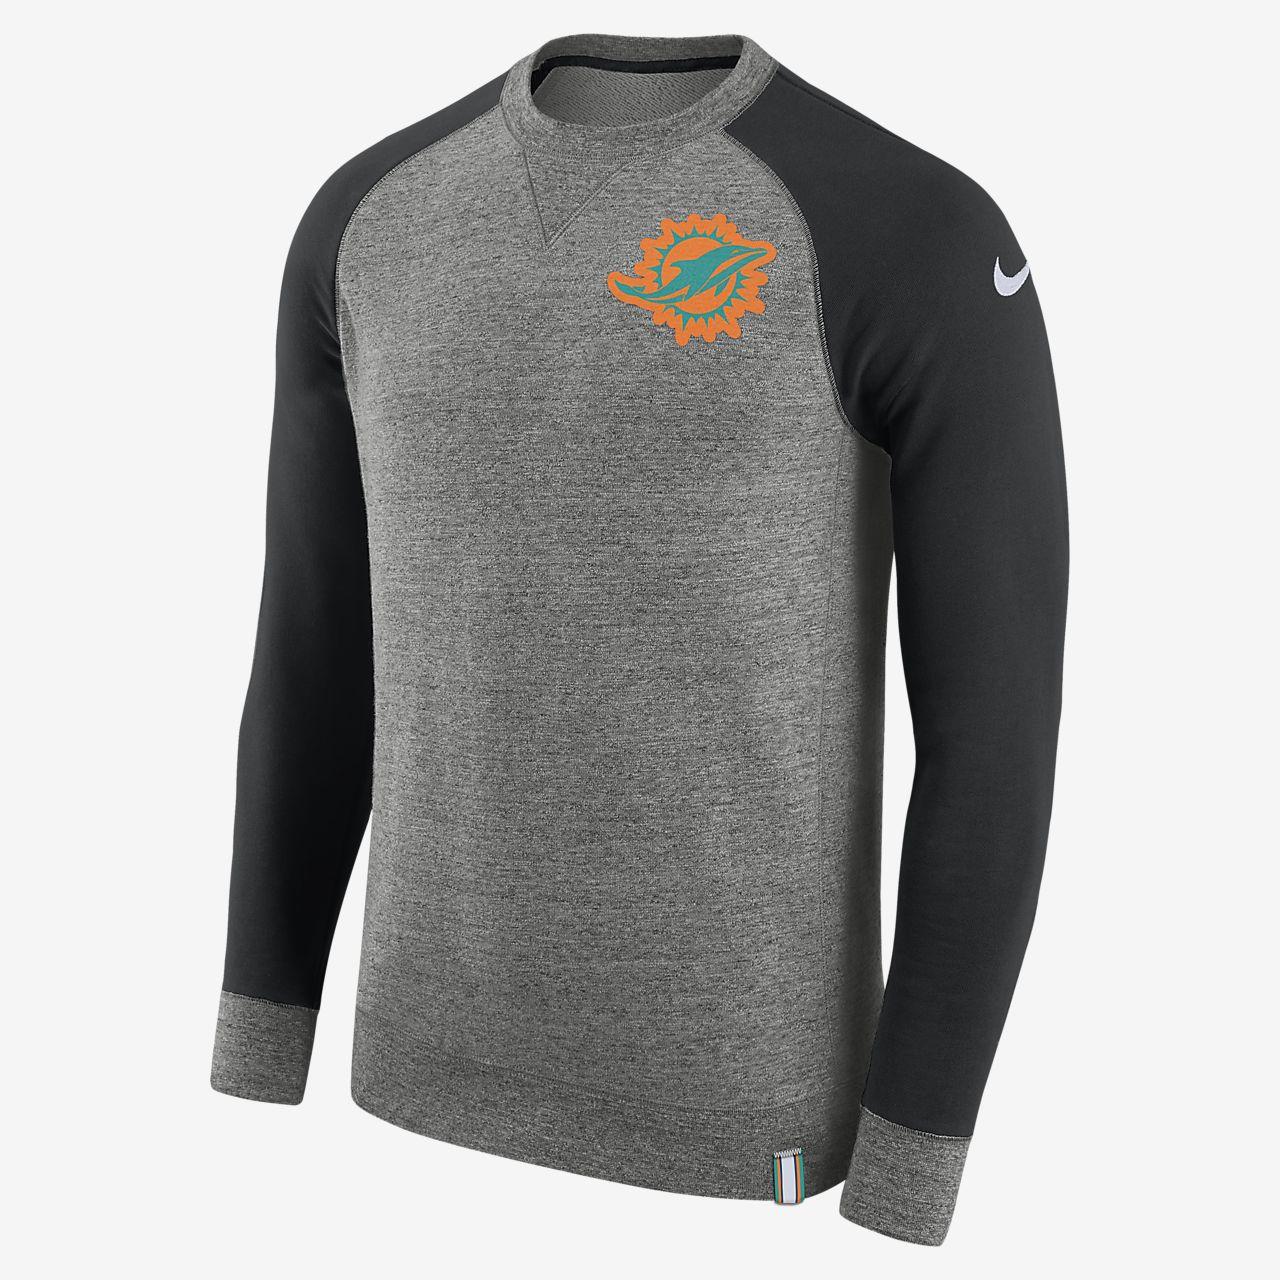 Nike AW77 (NFL Dolphins) Herren-Rundhalsshirt